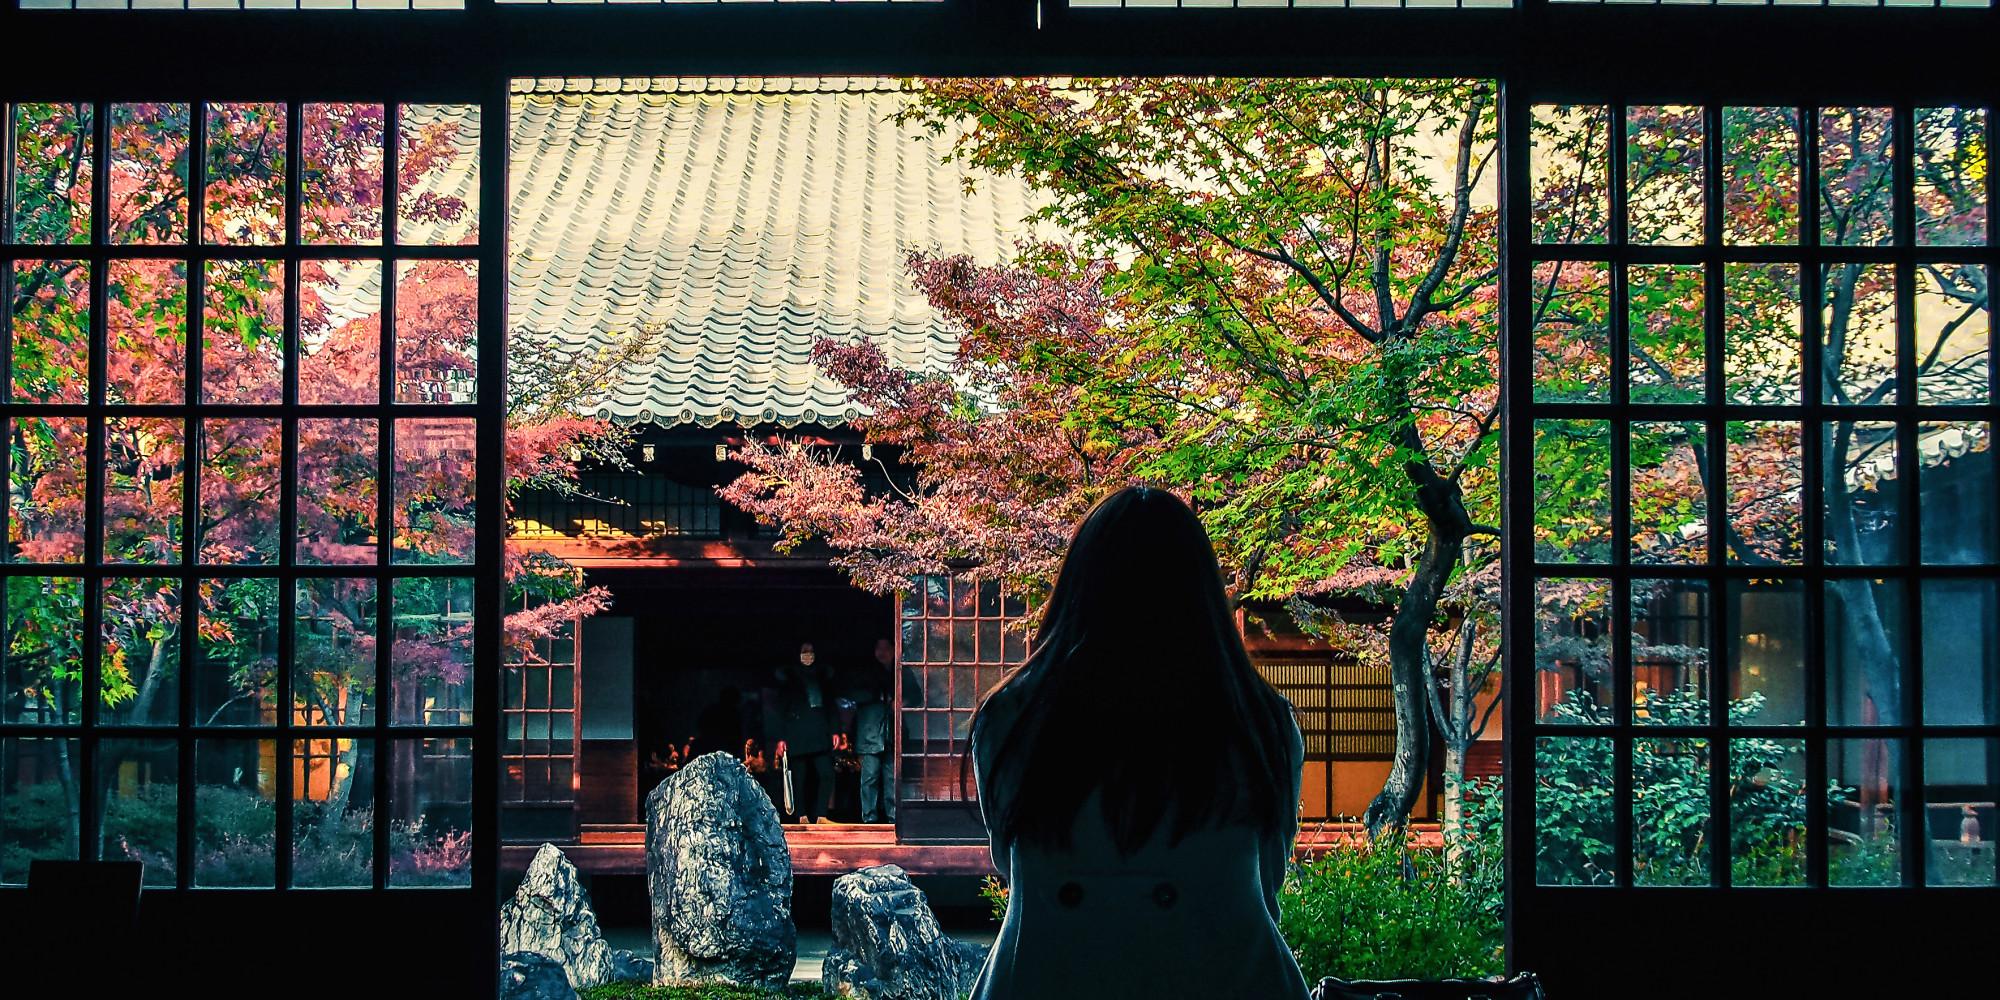 Cảnh vườn trong nhà Nhật Bản rất đẹp